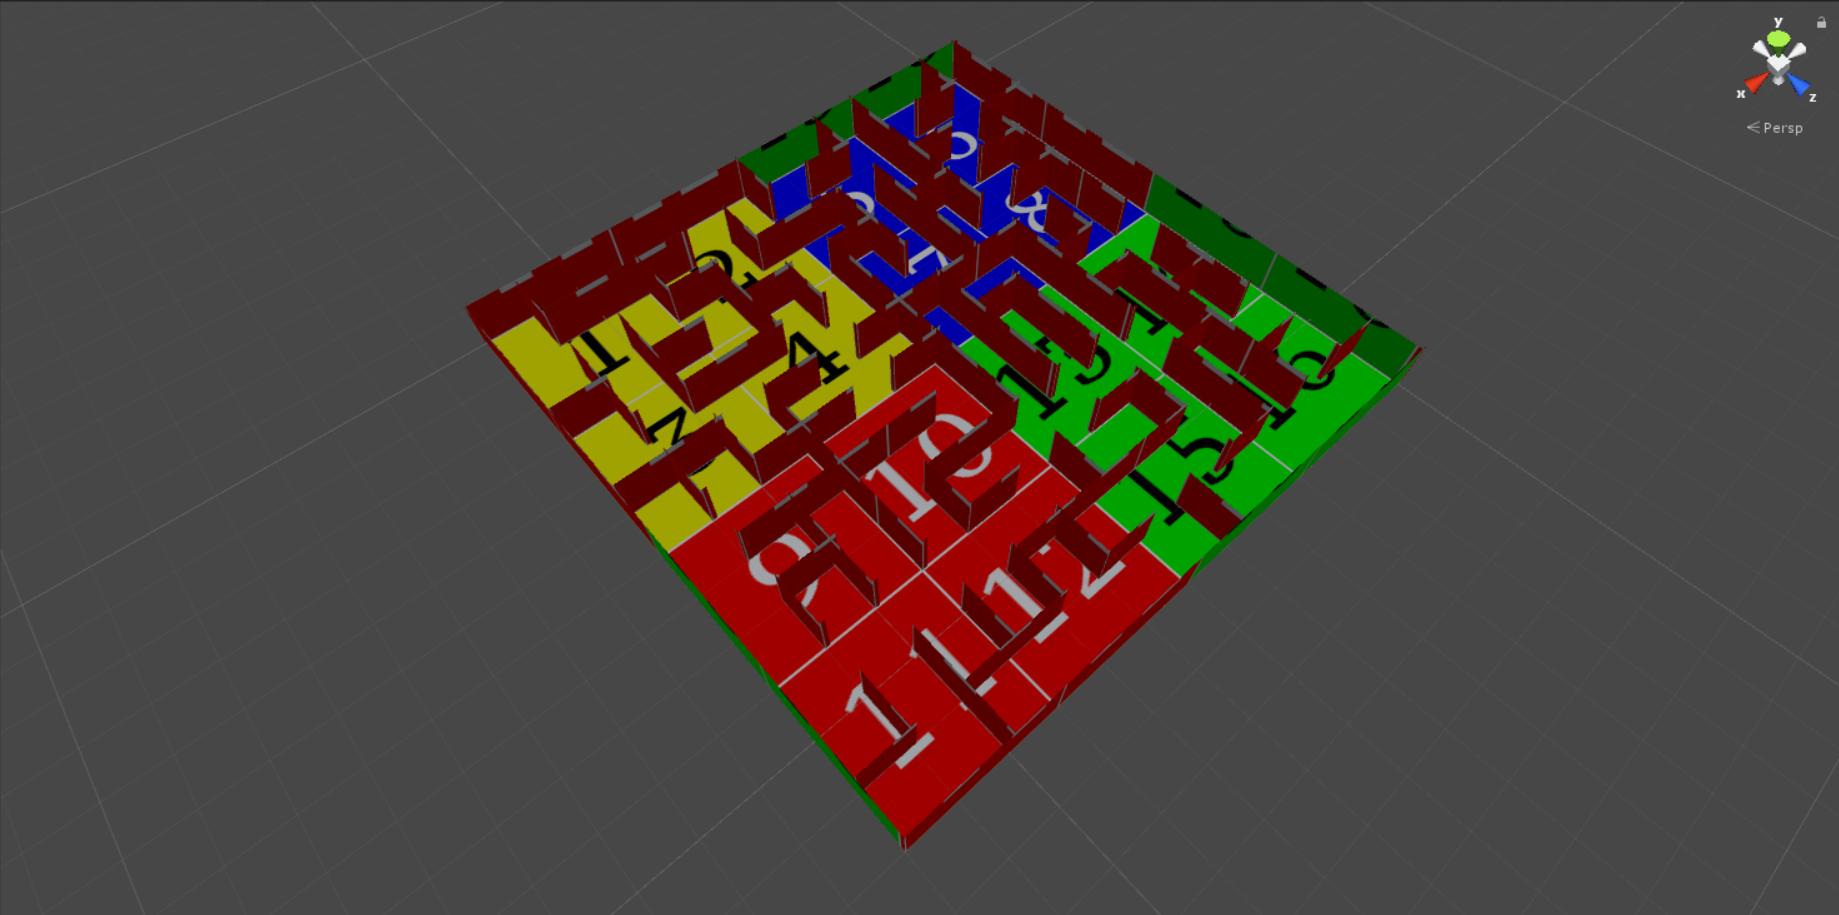 Генерация лабиринта алгоритмом Эллера в Unity - 4